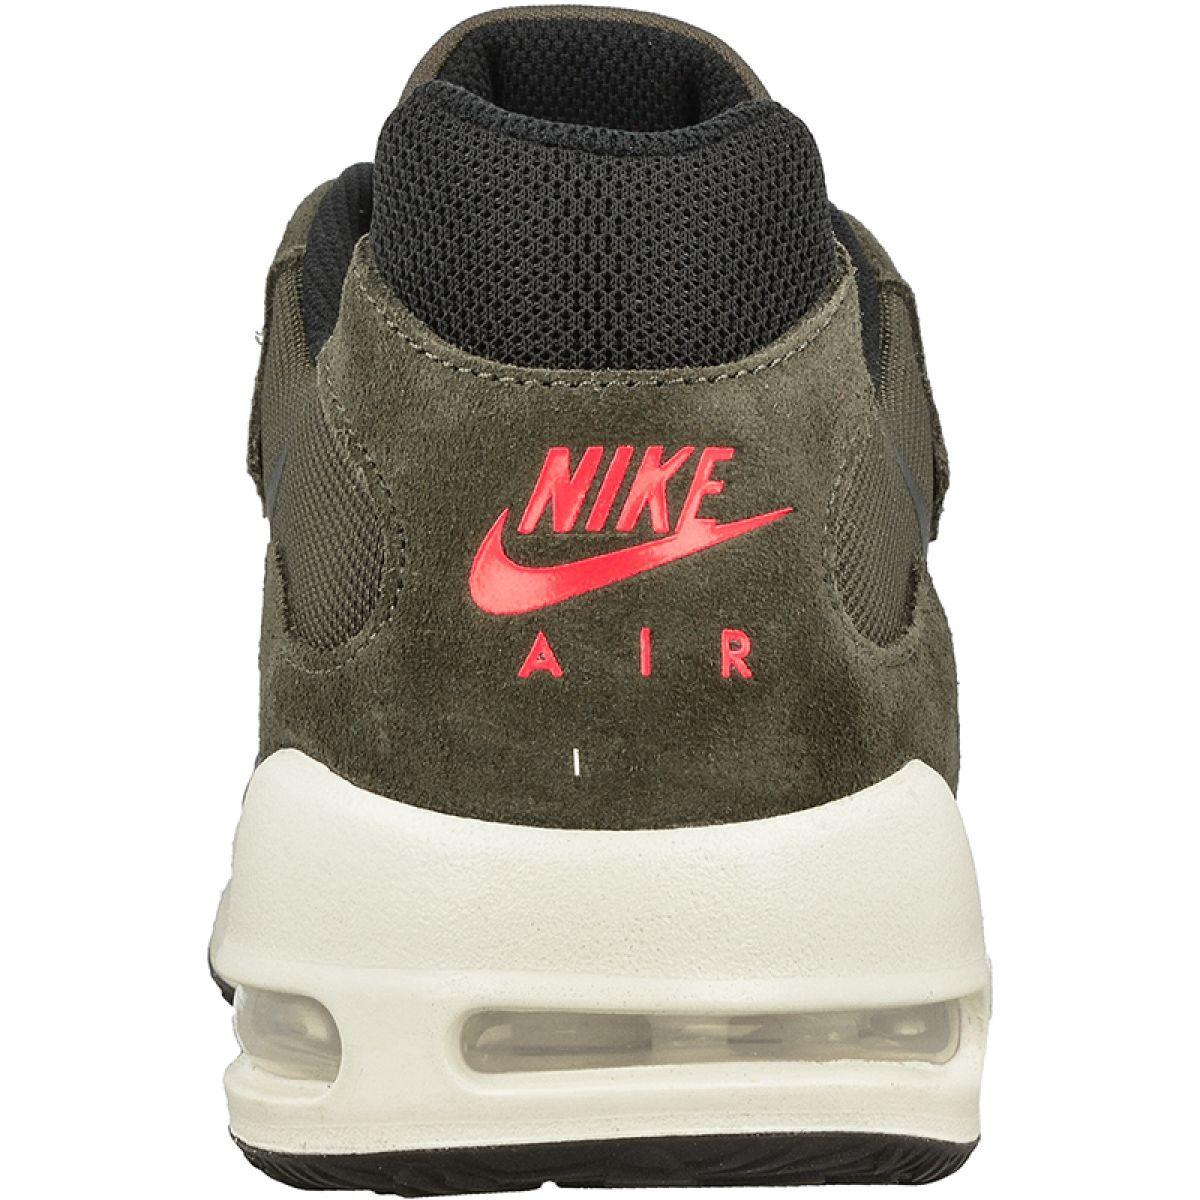 Nike Sportswear Air Max Guile M 916768 002 shoes